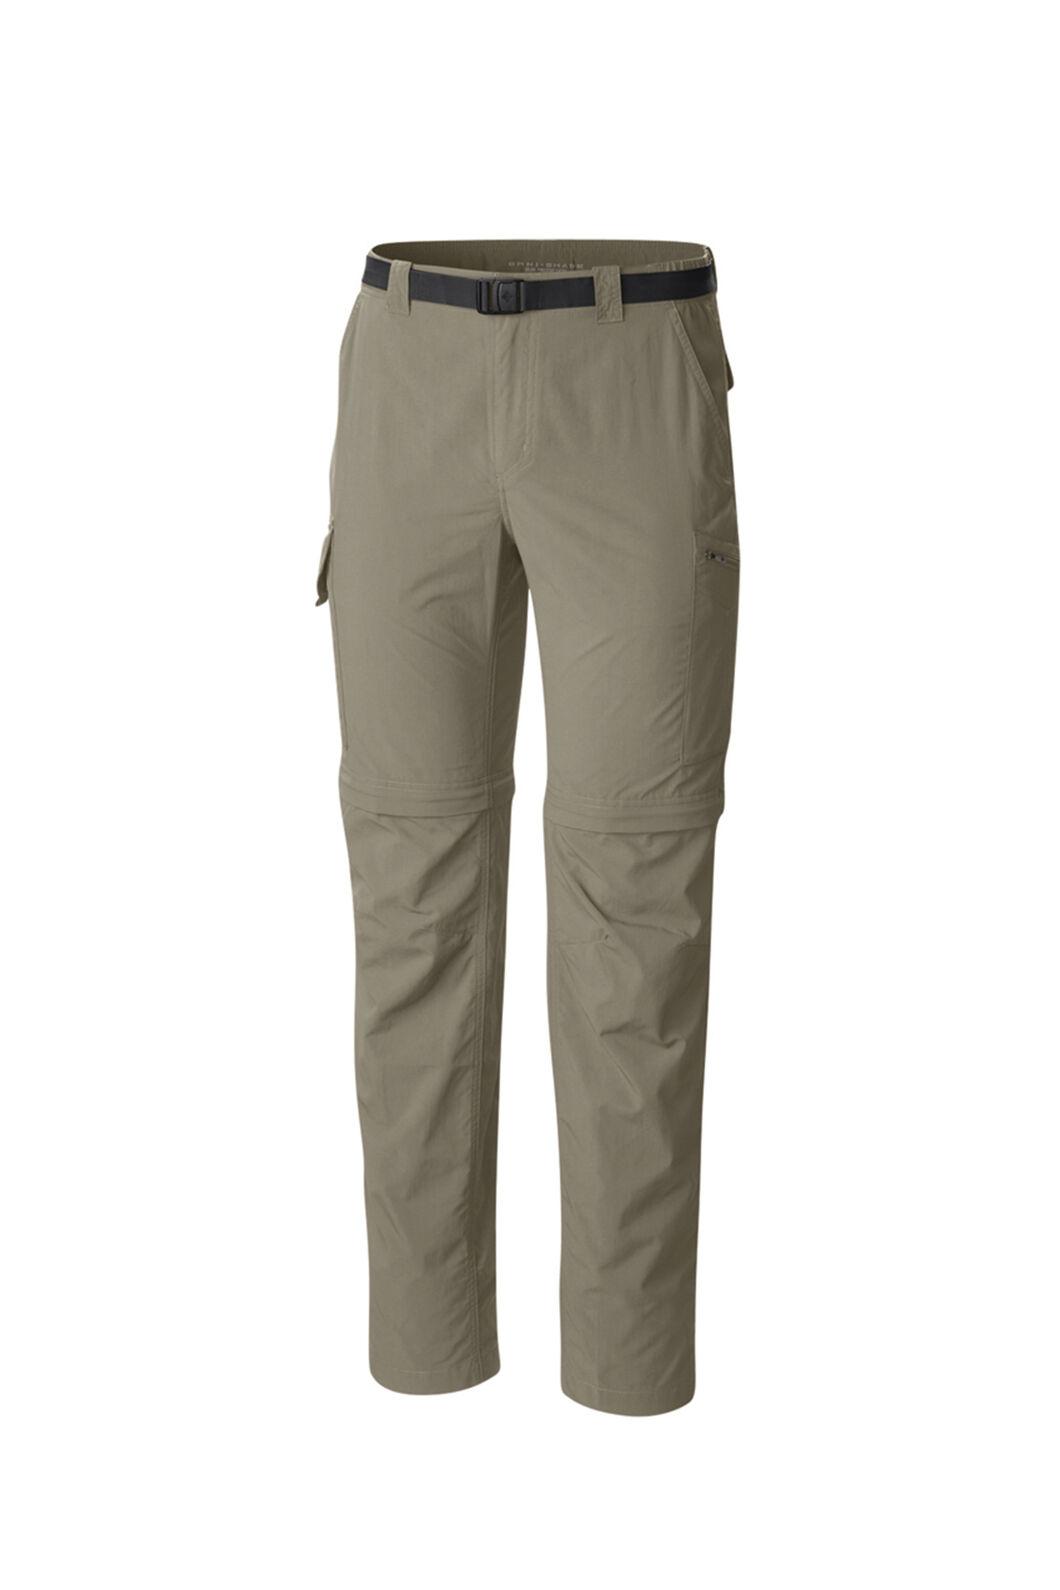 Columbia Men's  Ridge Convertible Pants Tusk, TUSK, hi-res